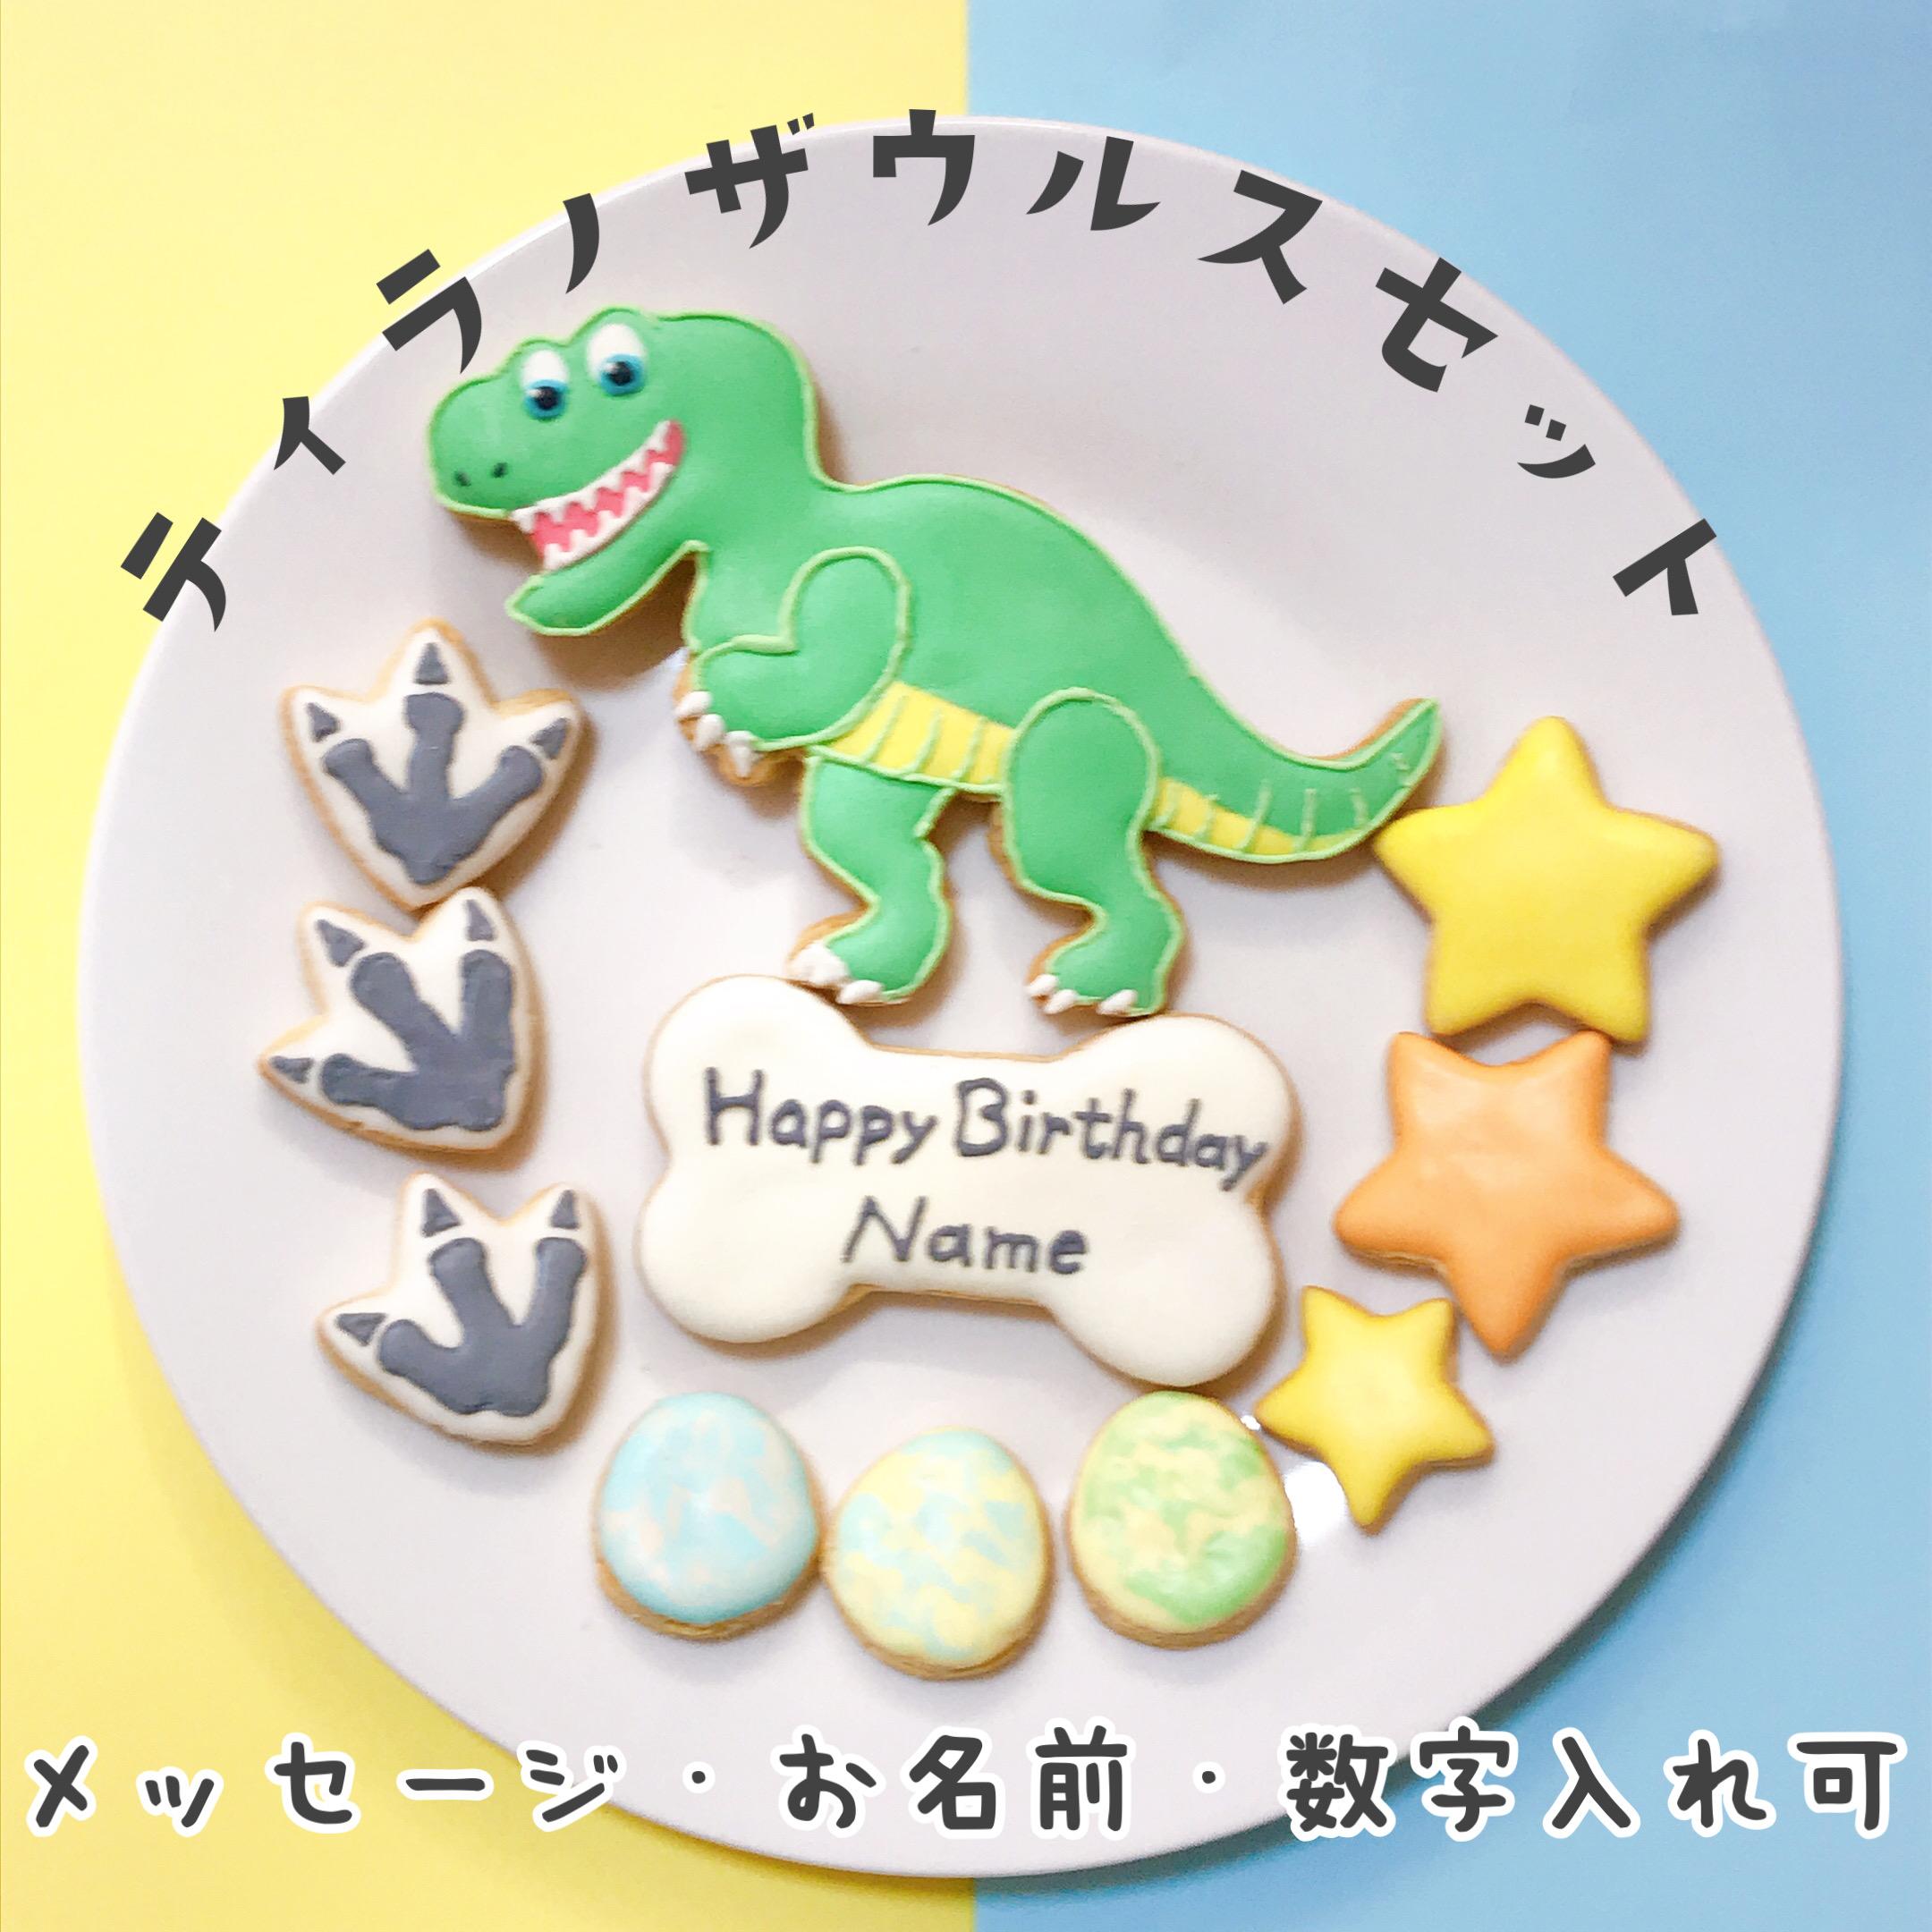 推奨 メッセージ お名前 数字入れ可能 アイシングクッキー アウトレットセール 特集 ティラノザウルスセット